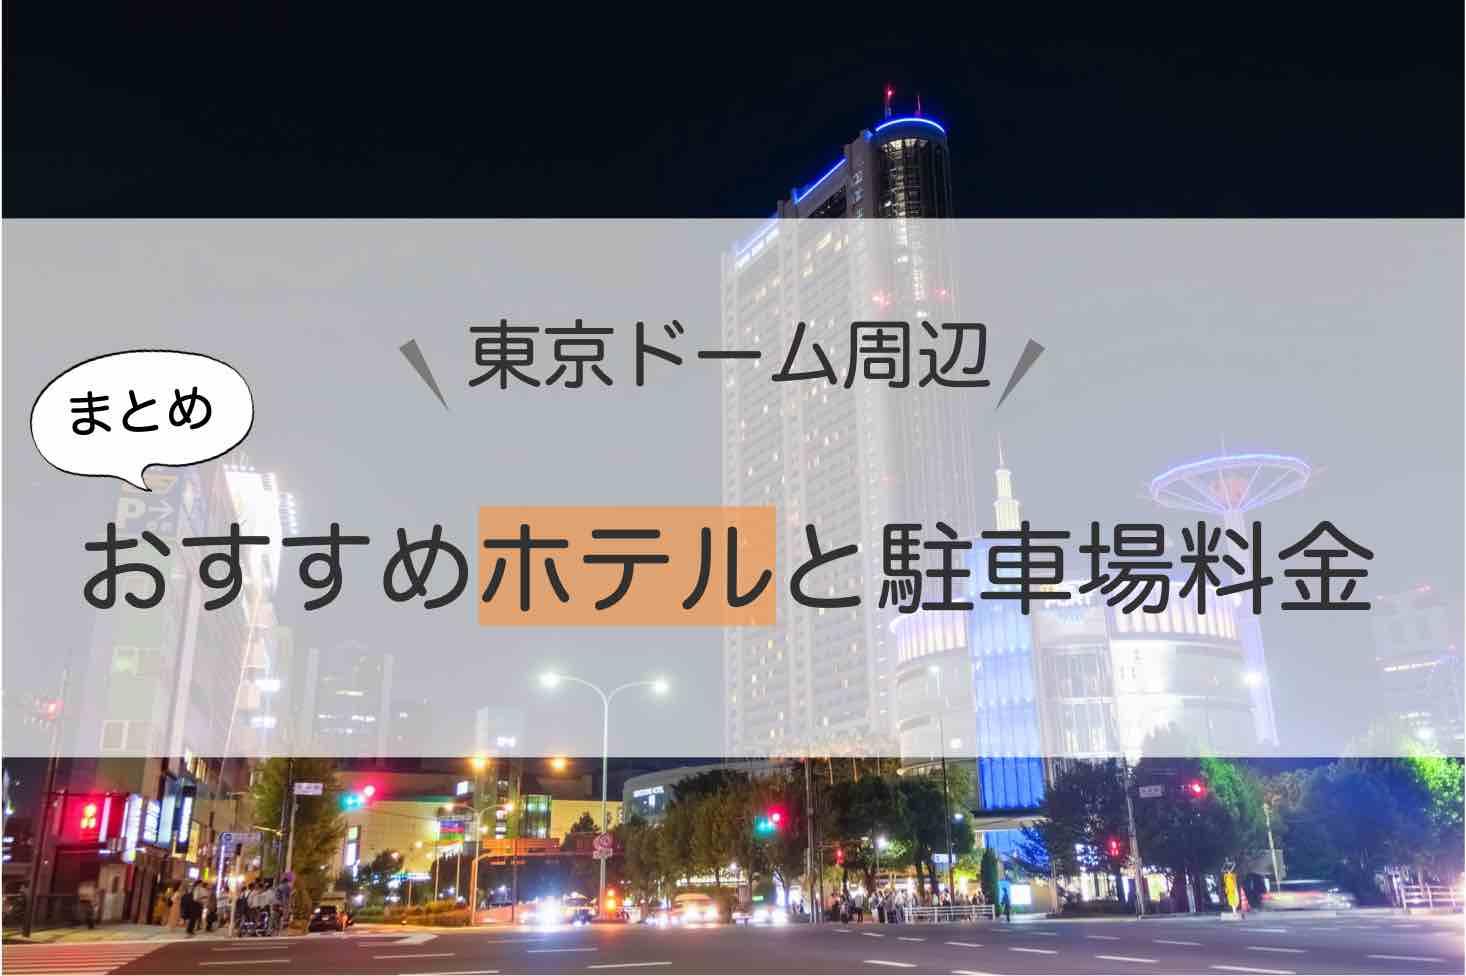 東京ドーム_ホテル_駐車場